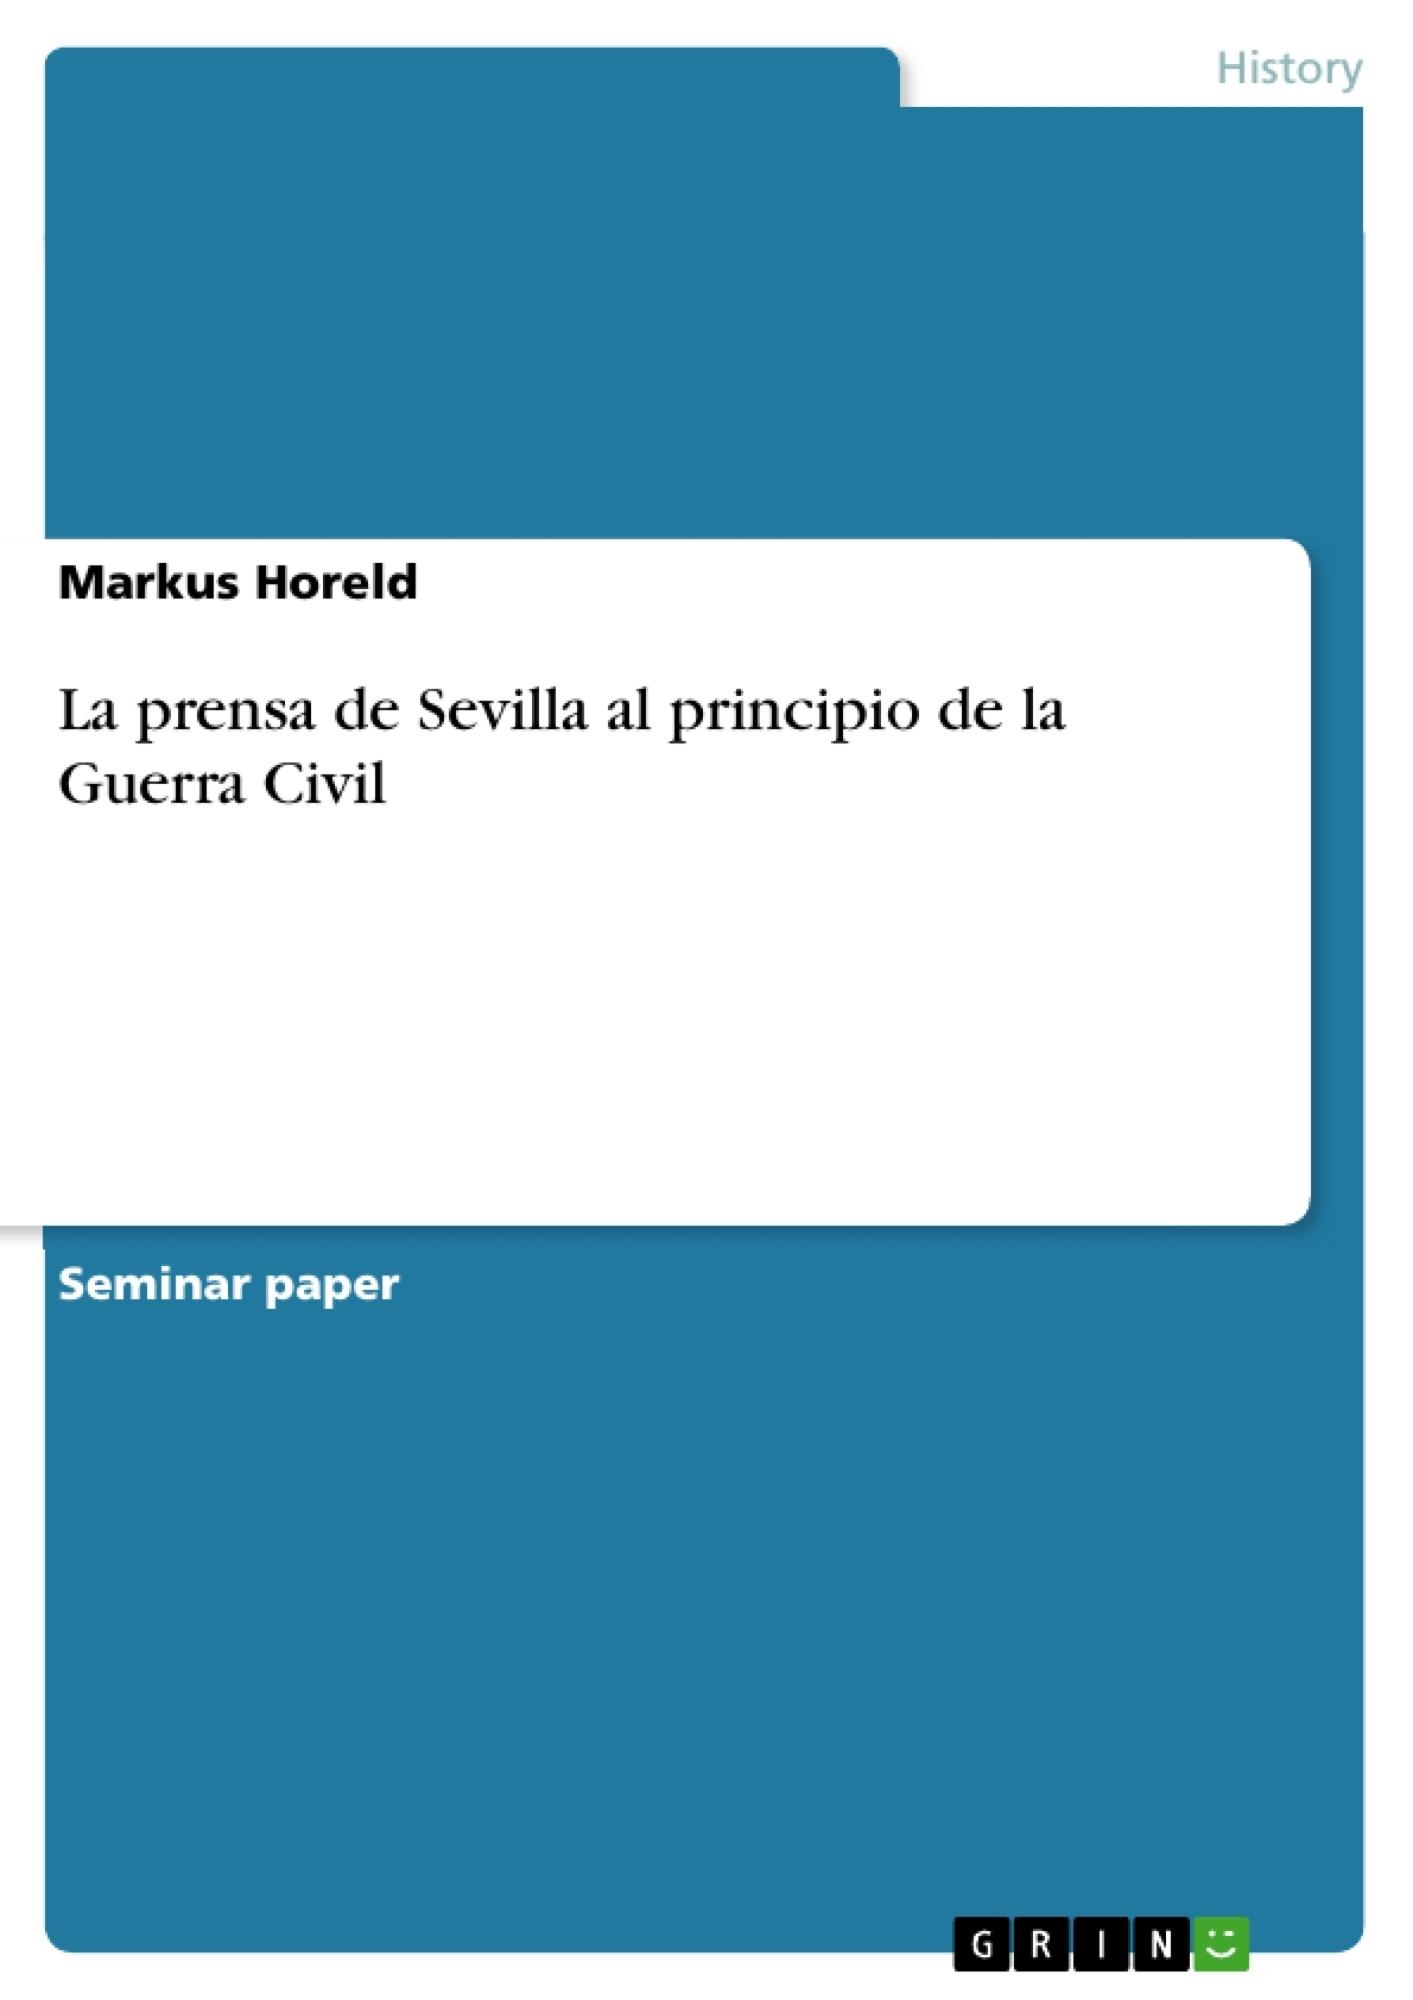 Título: La prensa de Sevilla al principio de la Guerra Civil